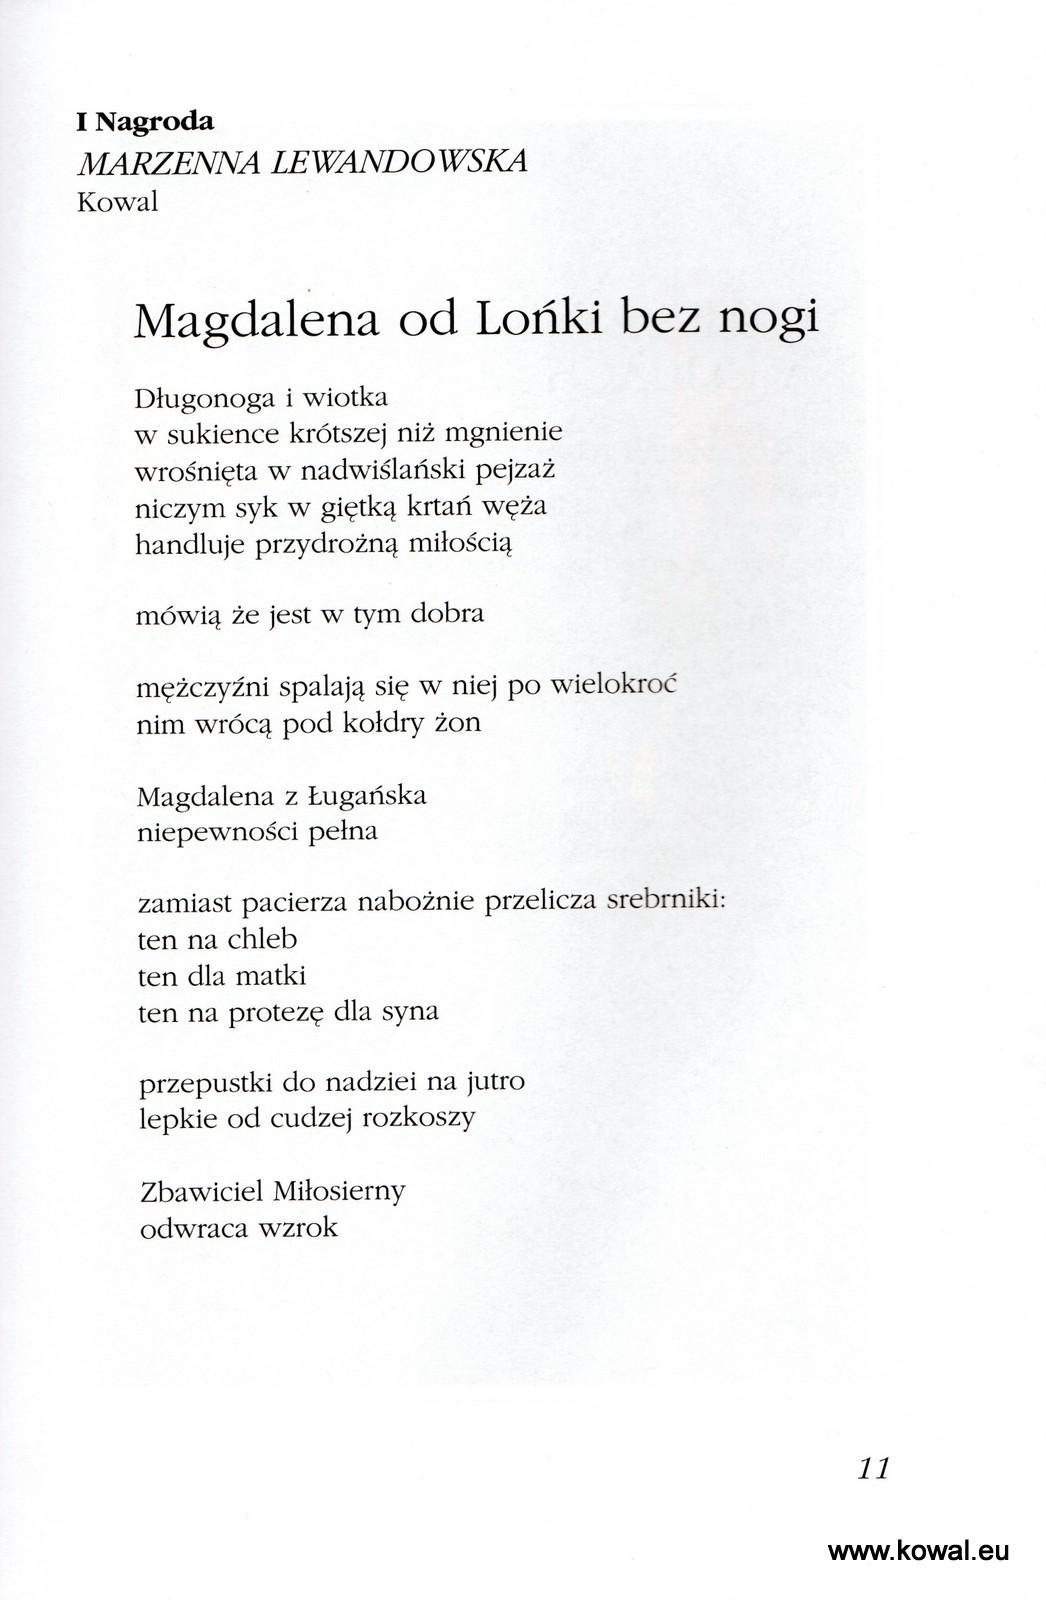 Poetycki Kowal Górą